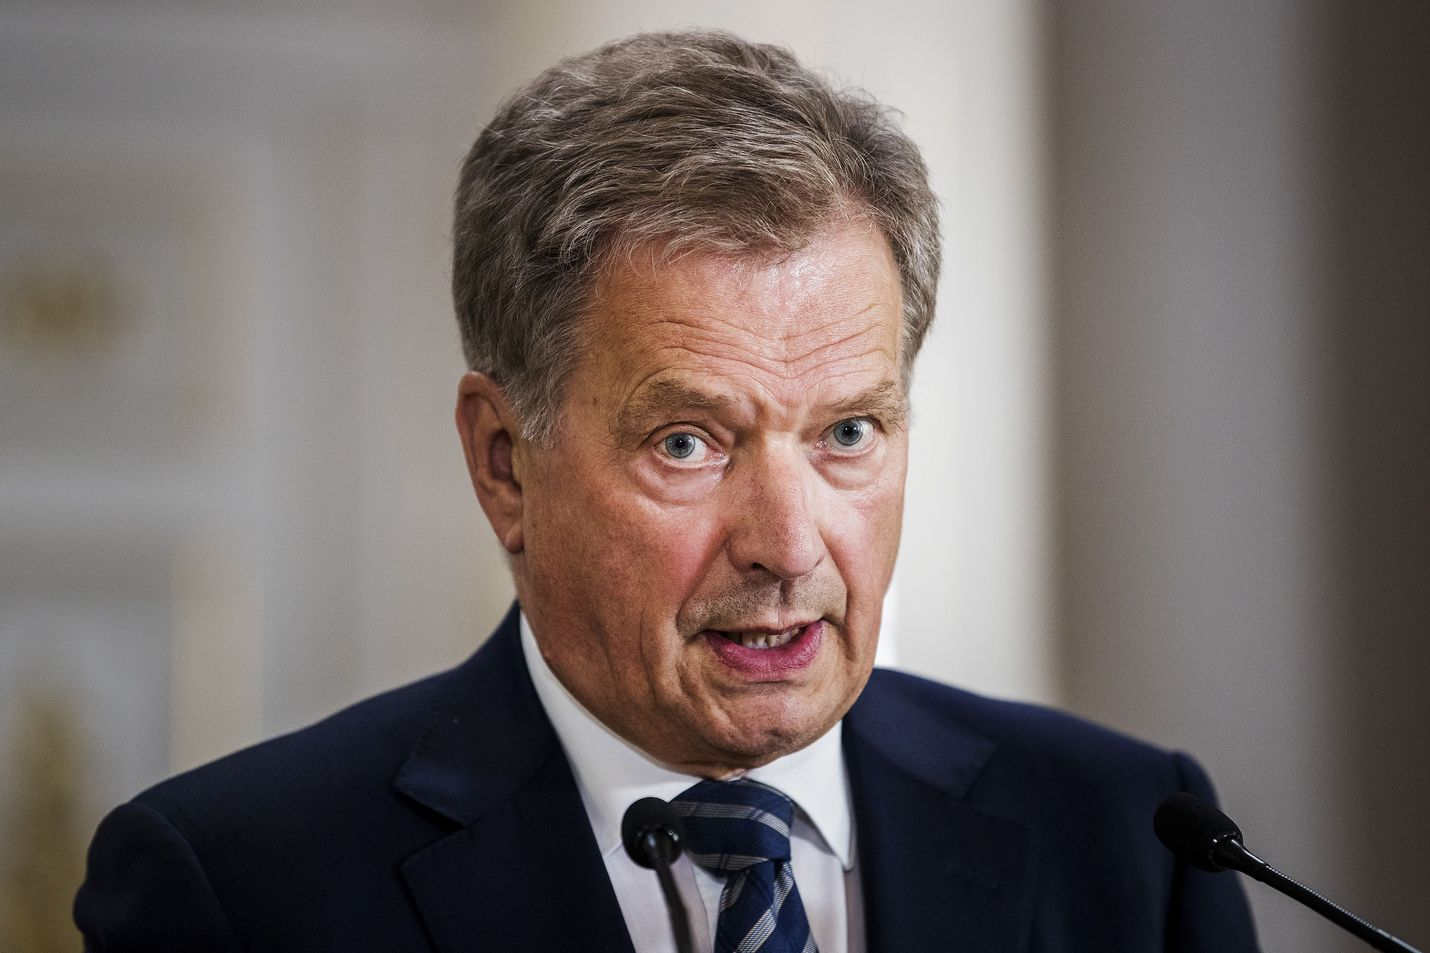 Presidentti Sauli Niinistö kertoo tänään molemille iltapäivälehdille esittäneensä ja pohtineensa erillisen kriisiryhmän perustamista koronavirusepidemian vuoksi.